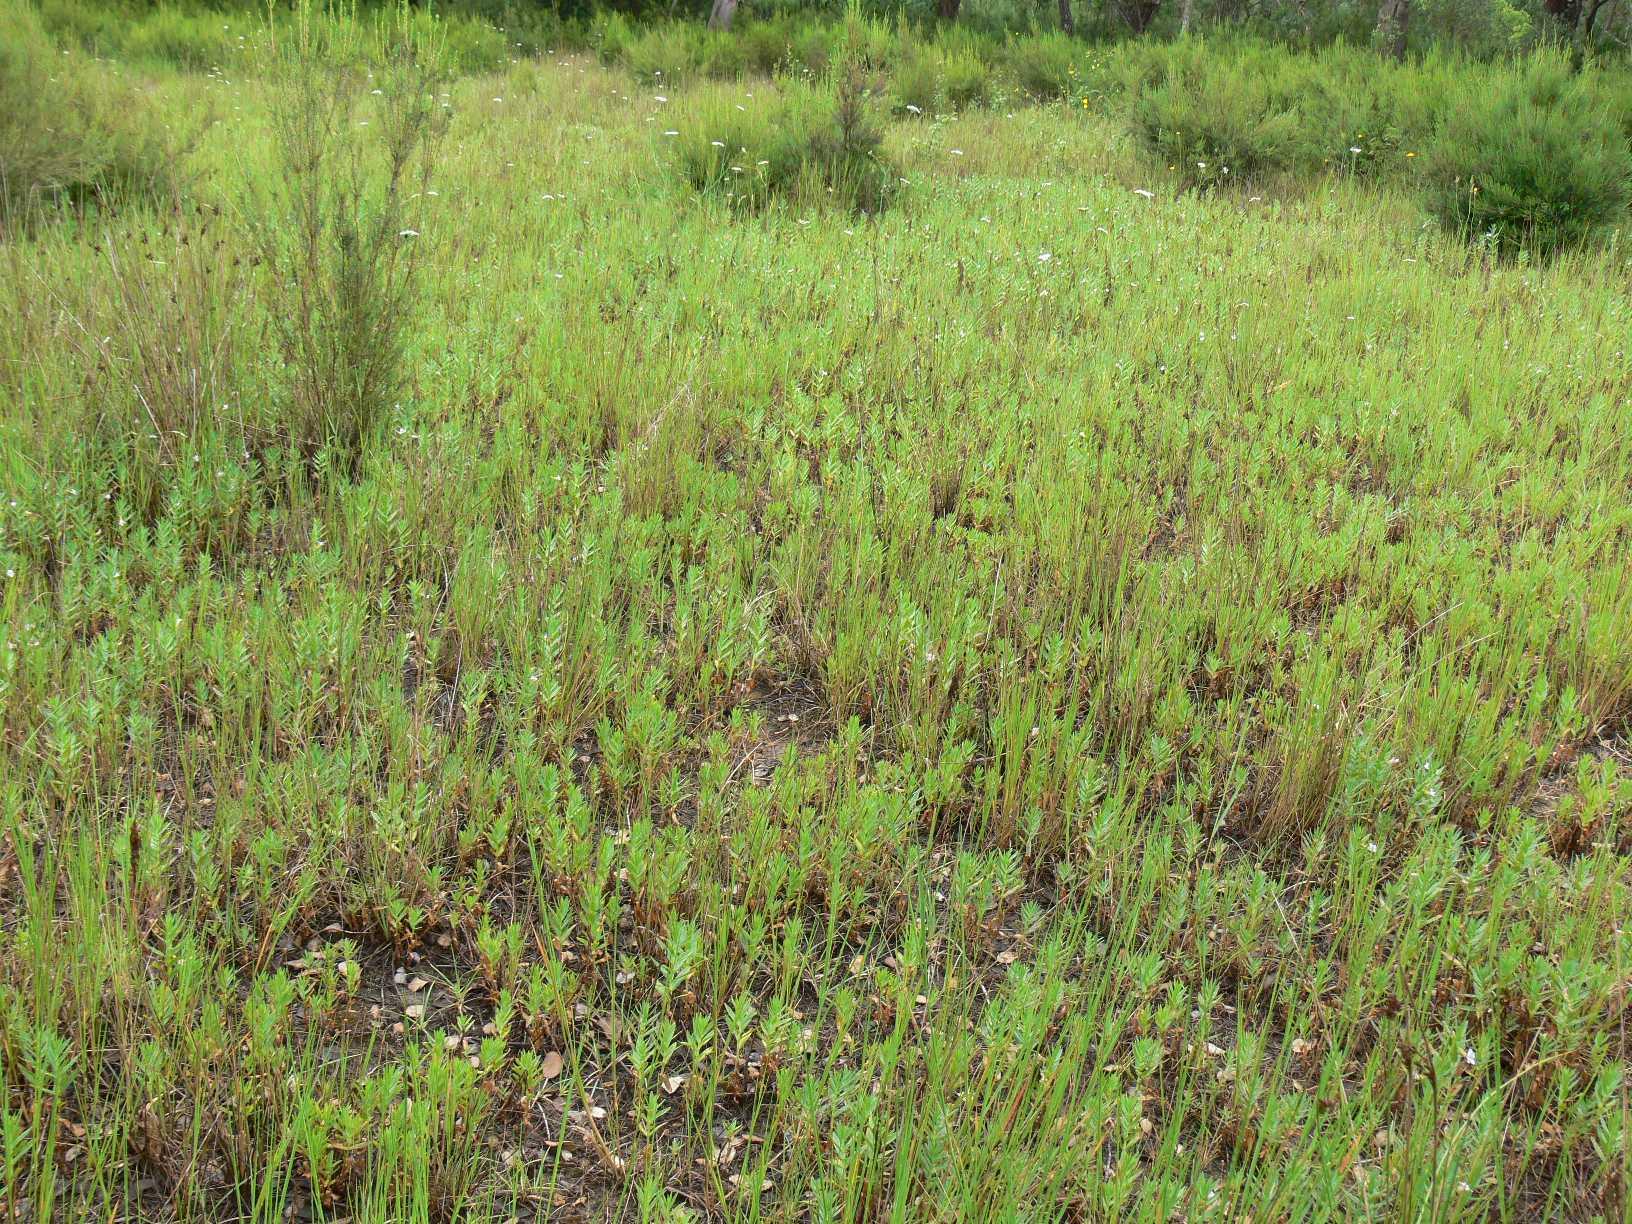 A la imatge veiem un pradell amb isoets, unes plantes primitives molt senzilles que no fan flor. Aquestes zones son mal drenades i queden inundades a l'hivern, quan els isoets creixen. A l'estiu passen desaparcebuts ja que només en queda la part subterrània.